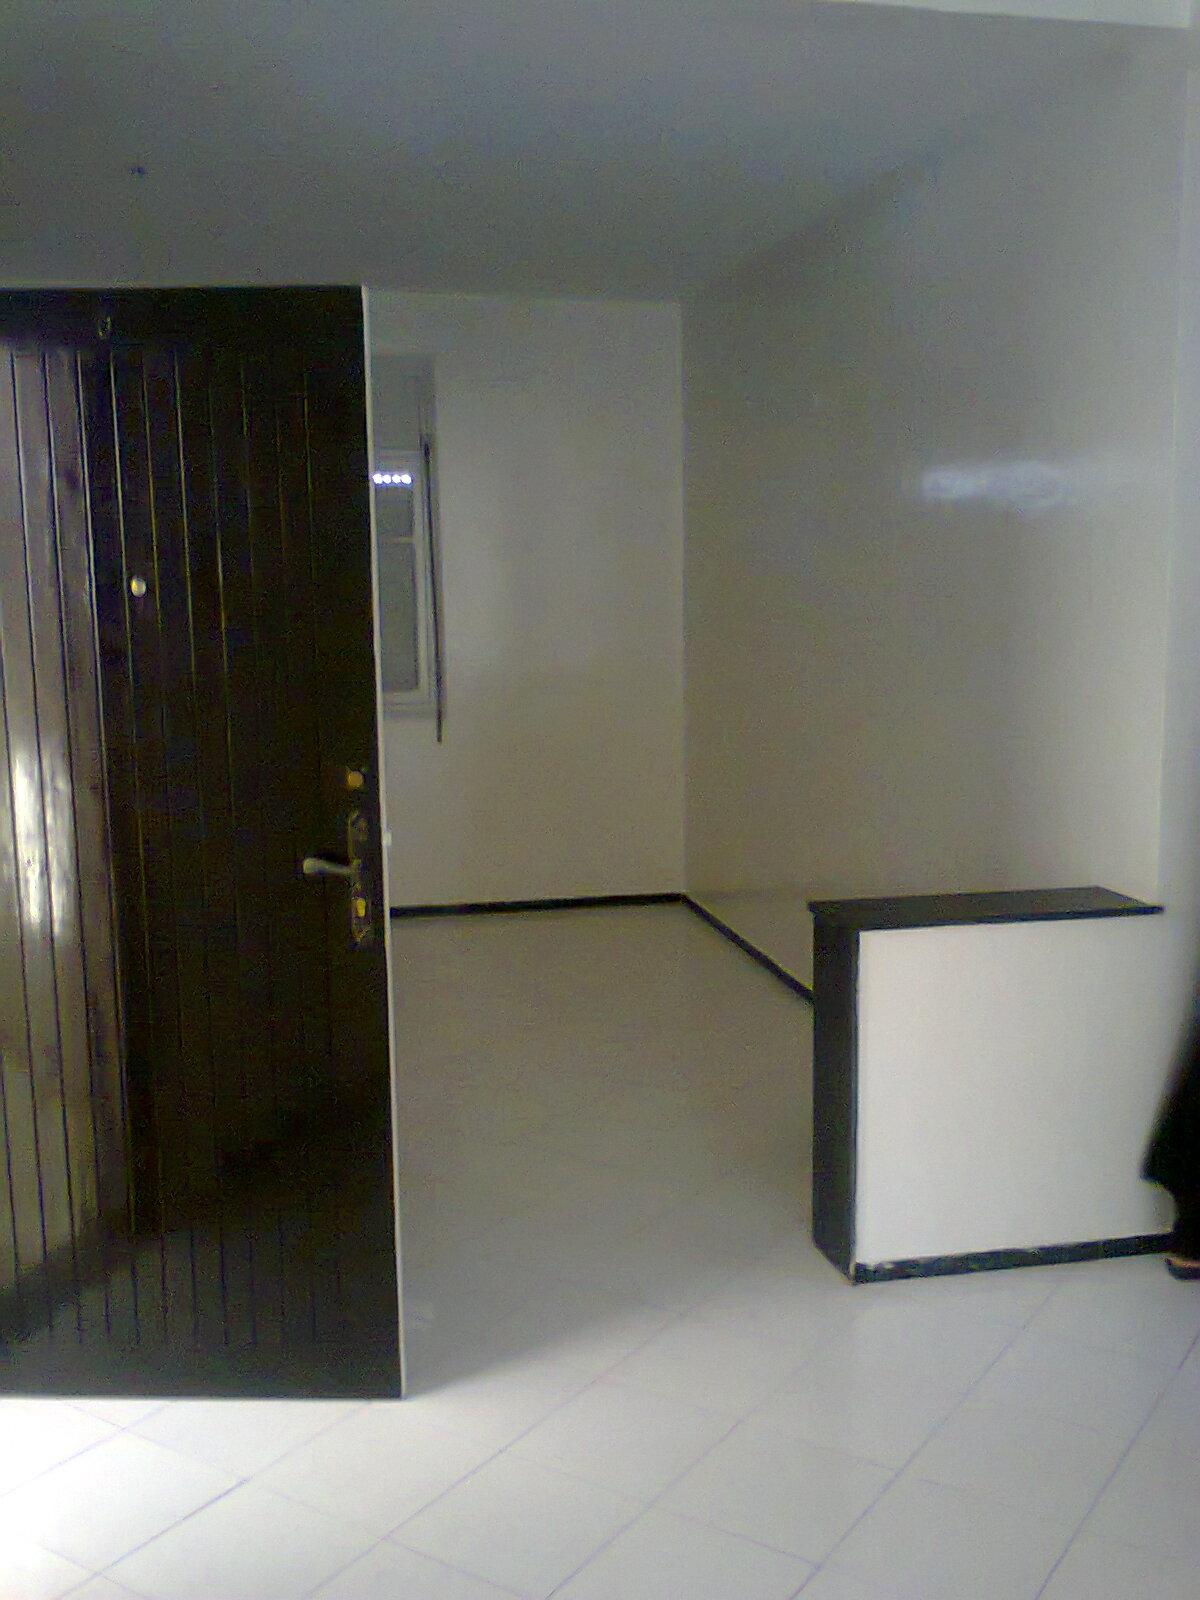 Vente appartement à rabat sale maroc centre ville appartement à ...